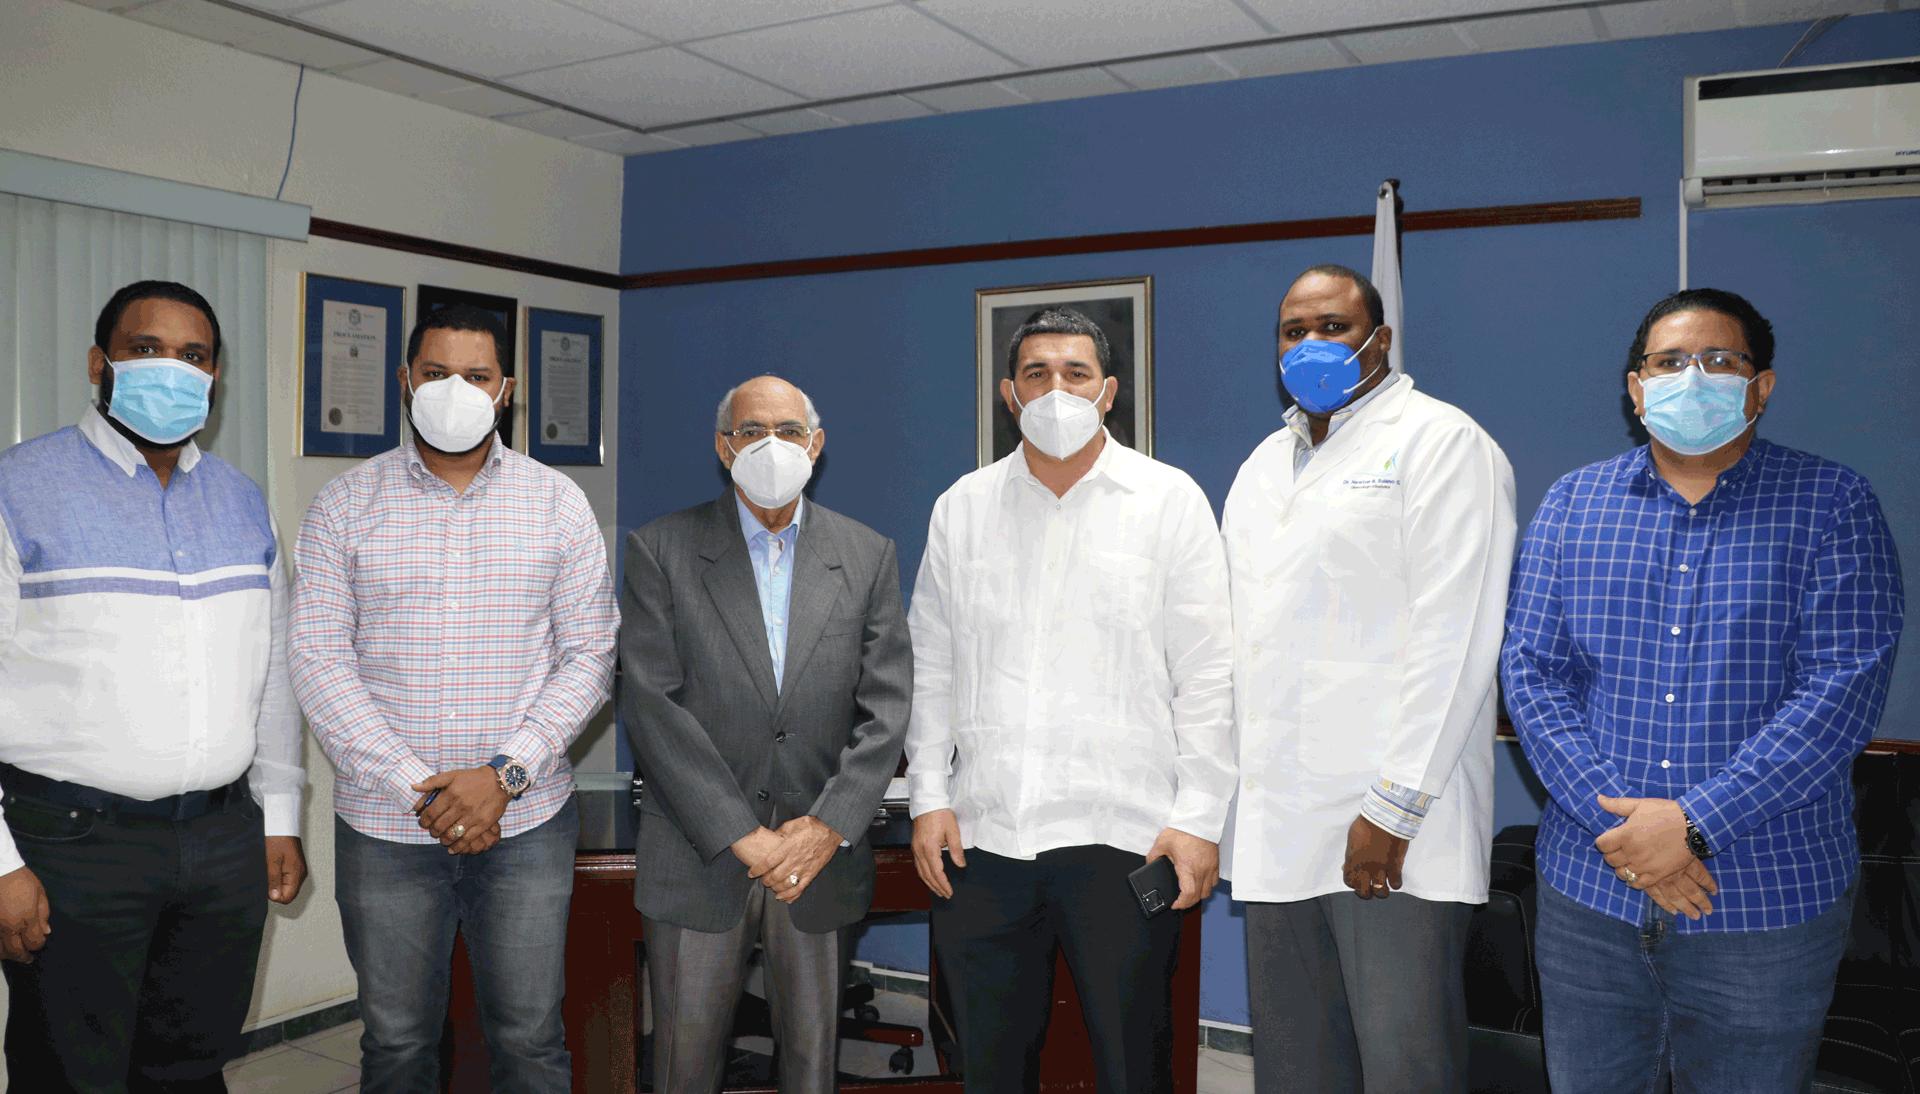 EL DR. RAMÓN RODRÍGUEZ, DIRECTOR REGIONAL DE SALUD CIBAO-OCCIDENTAL, R7 Y PRESIDENTE DEL P.R.M. EN MAO, PARTICIPA EN RUEDA DE PRENSA.